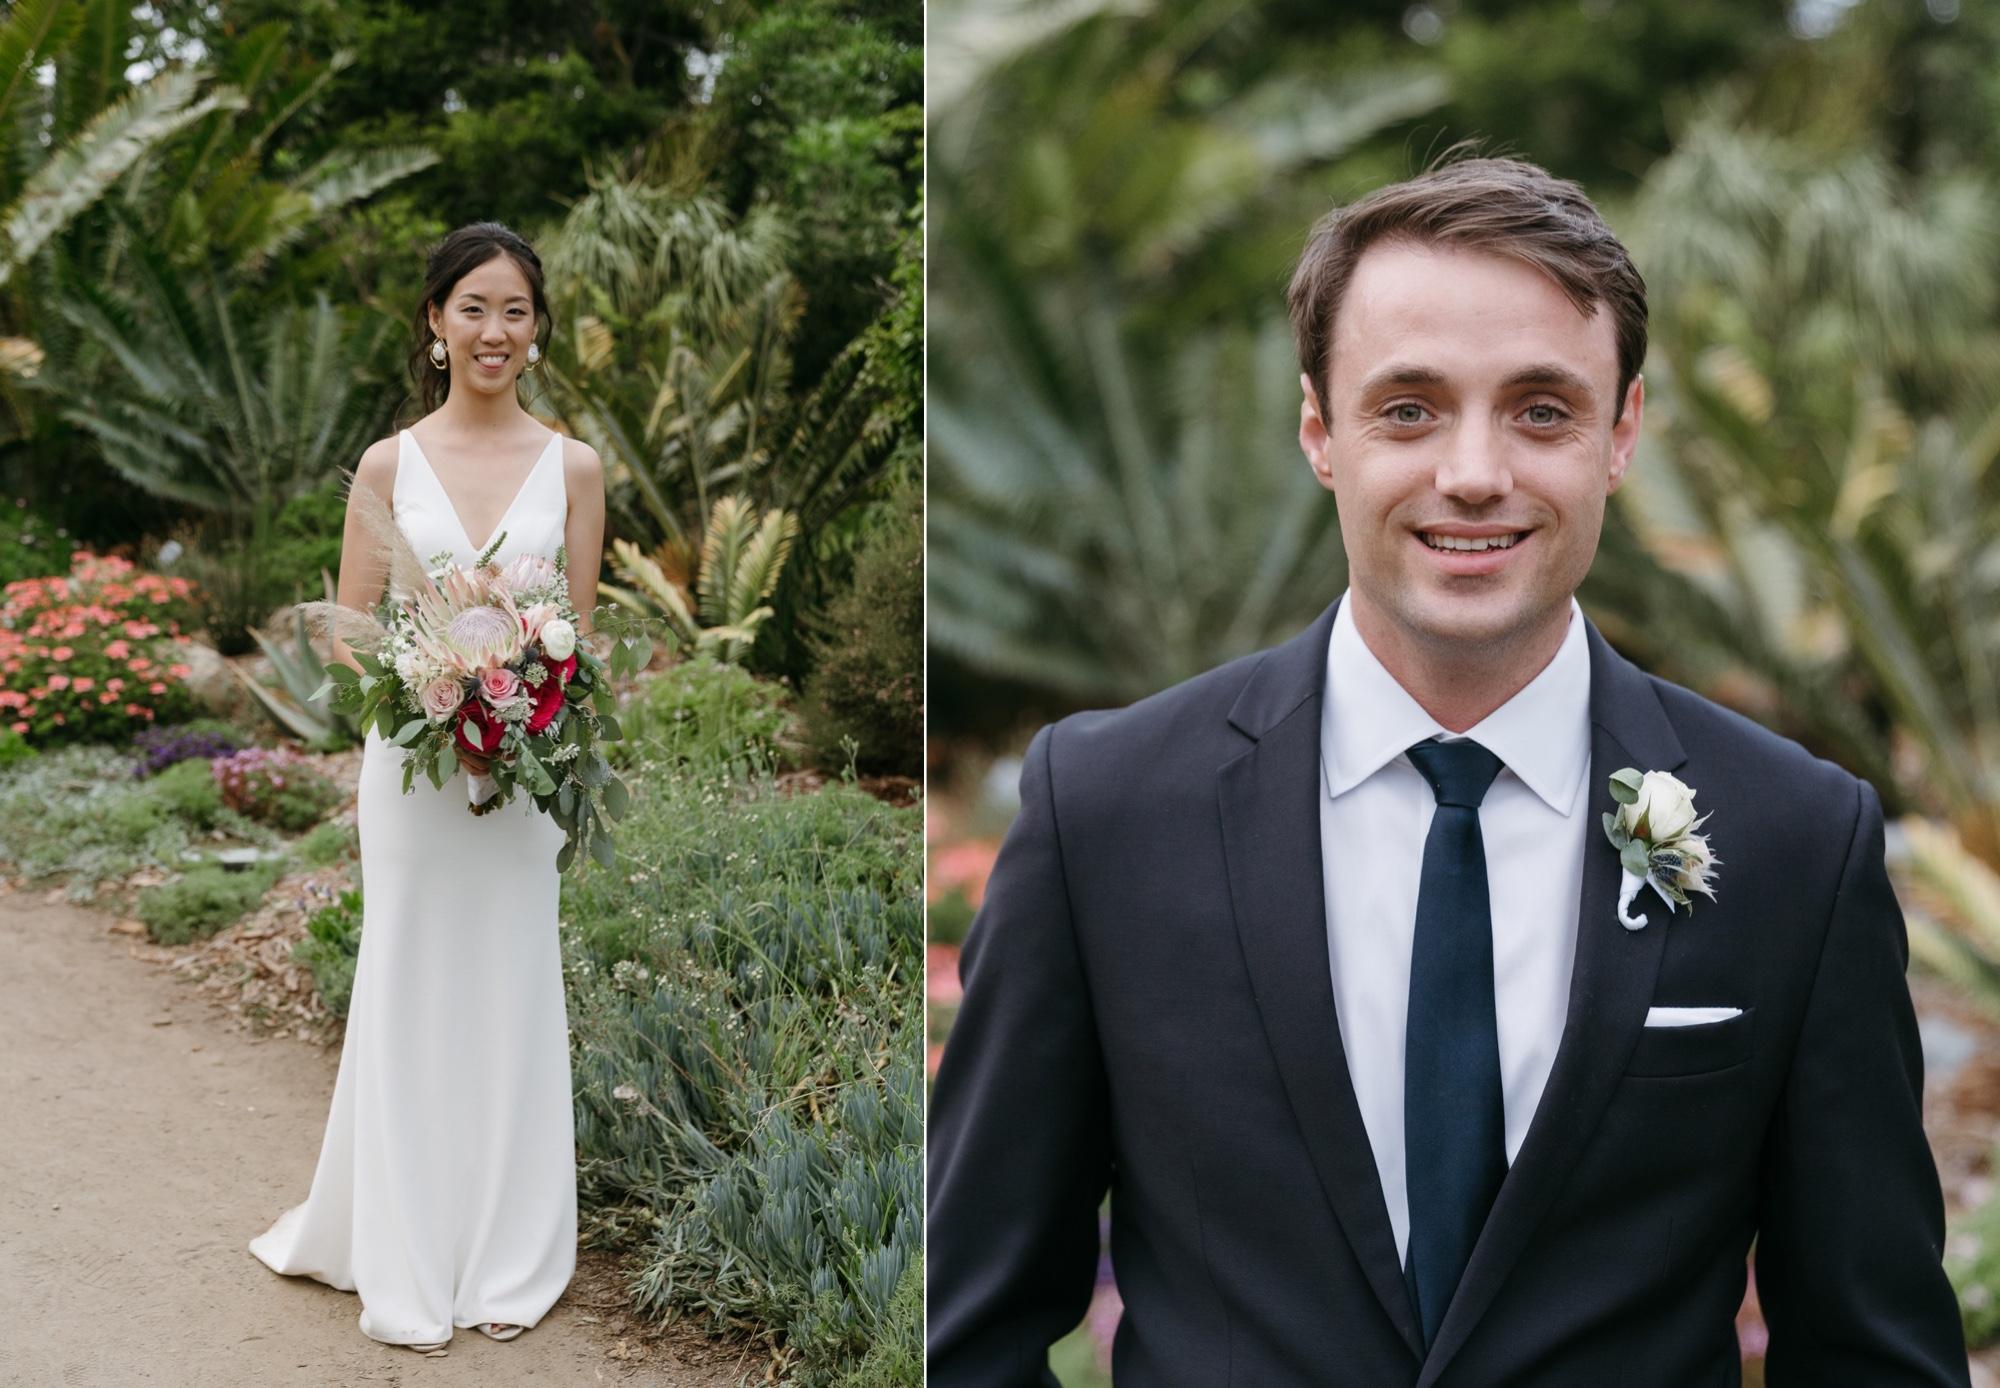 089_Shawna and Steve's Wedding-564_Shawna and Steve's Wedding-558.jpg